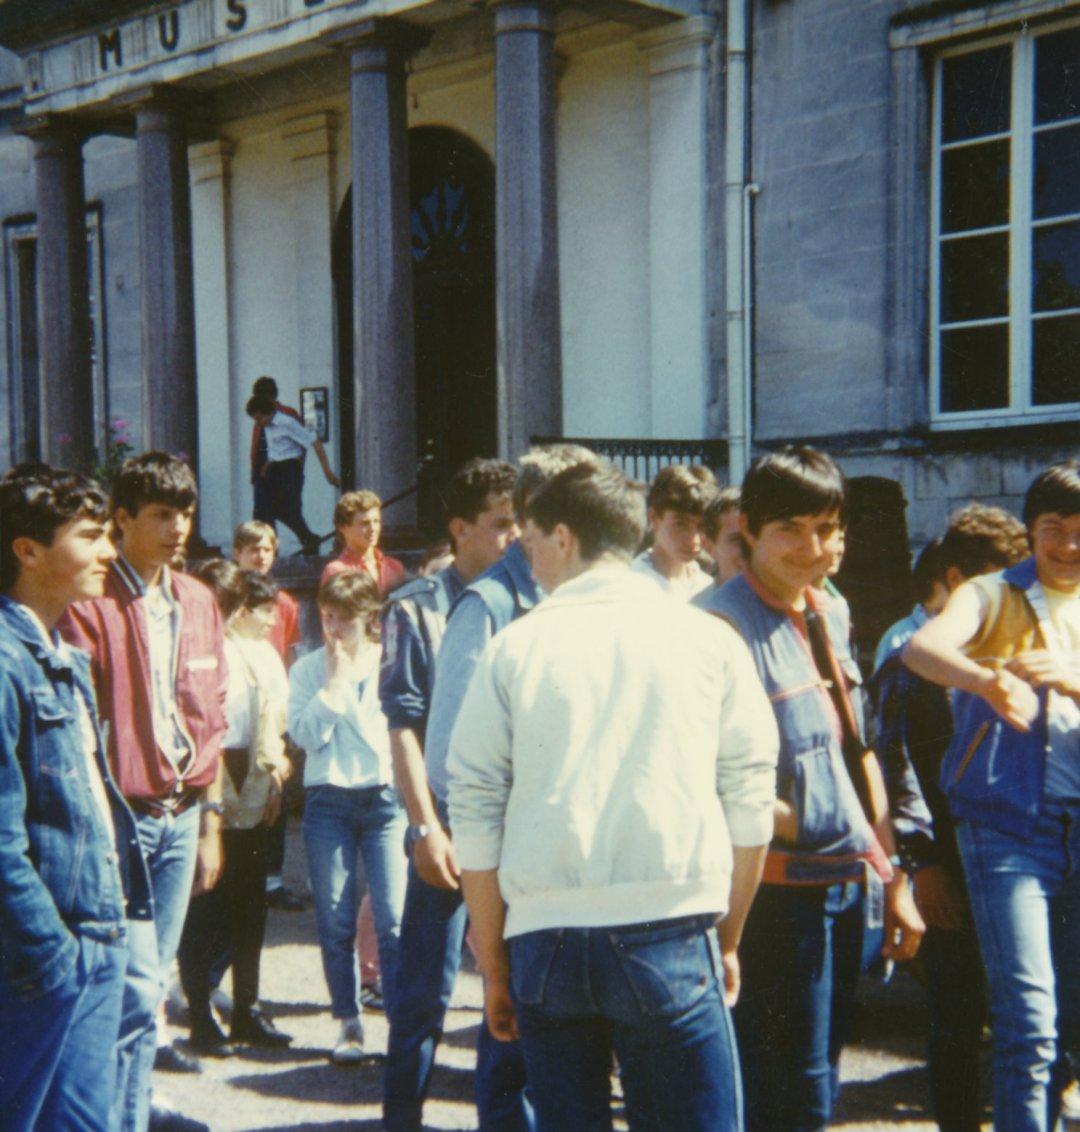 Archives anciens élèves mfr puy-sec 1986 (15)